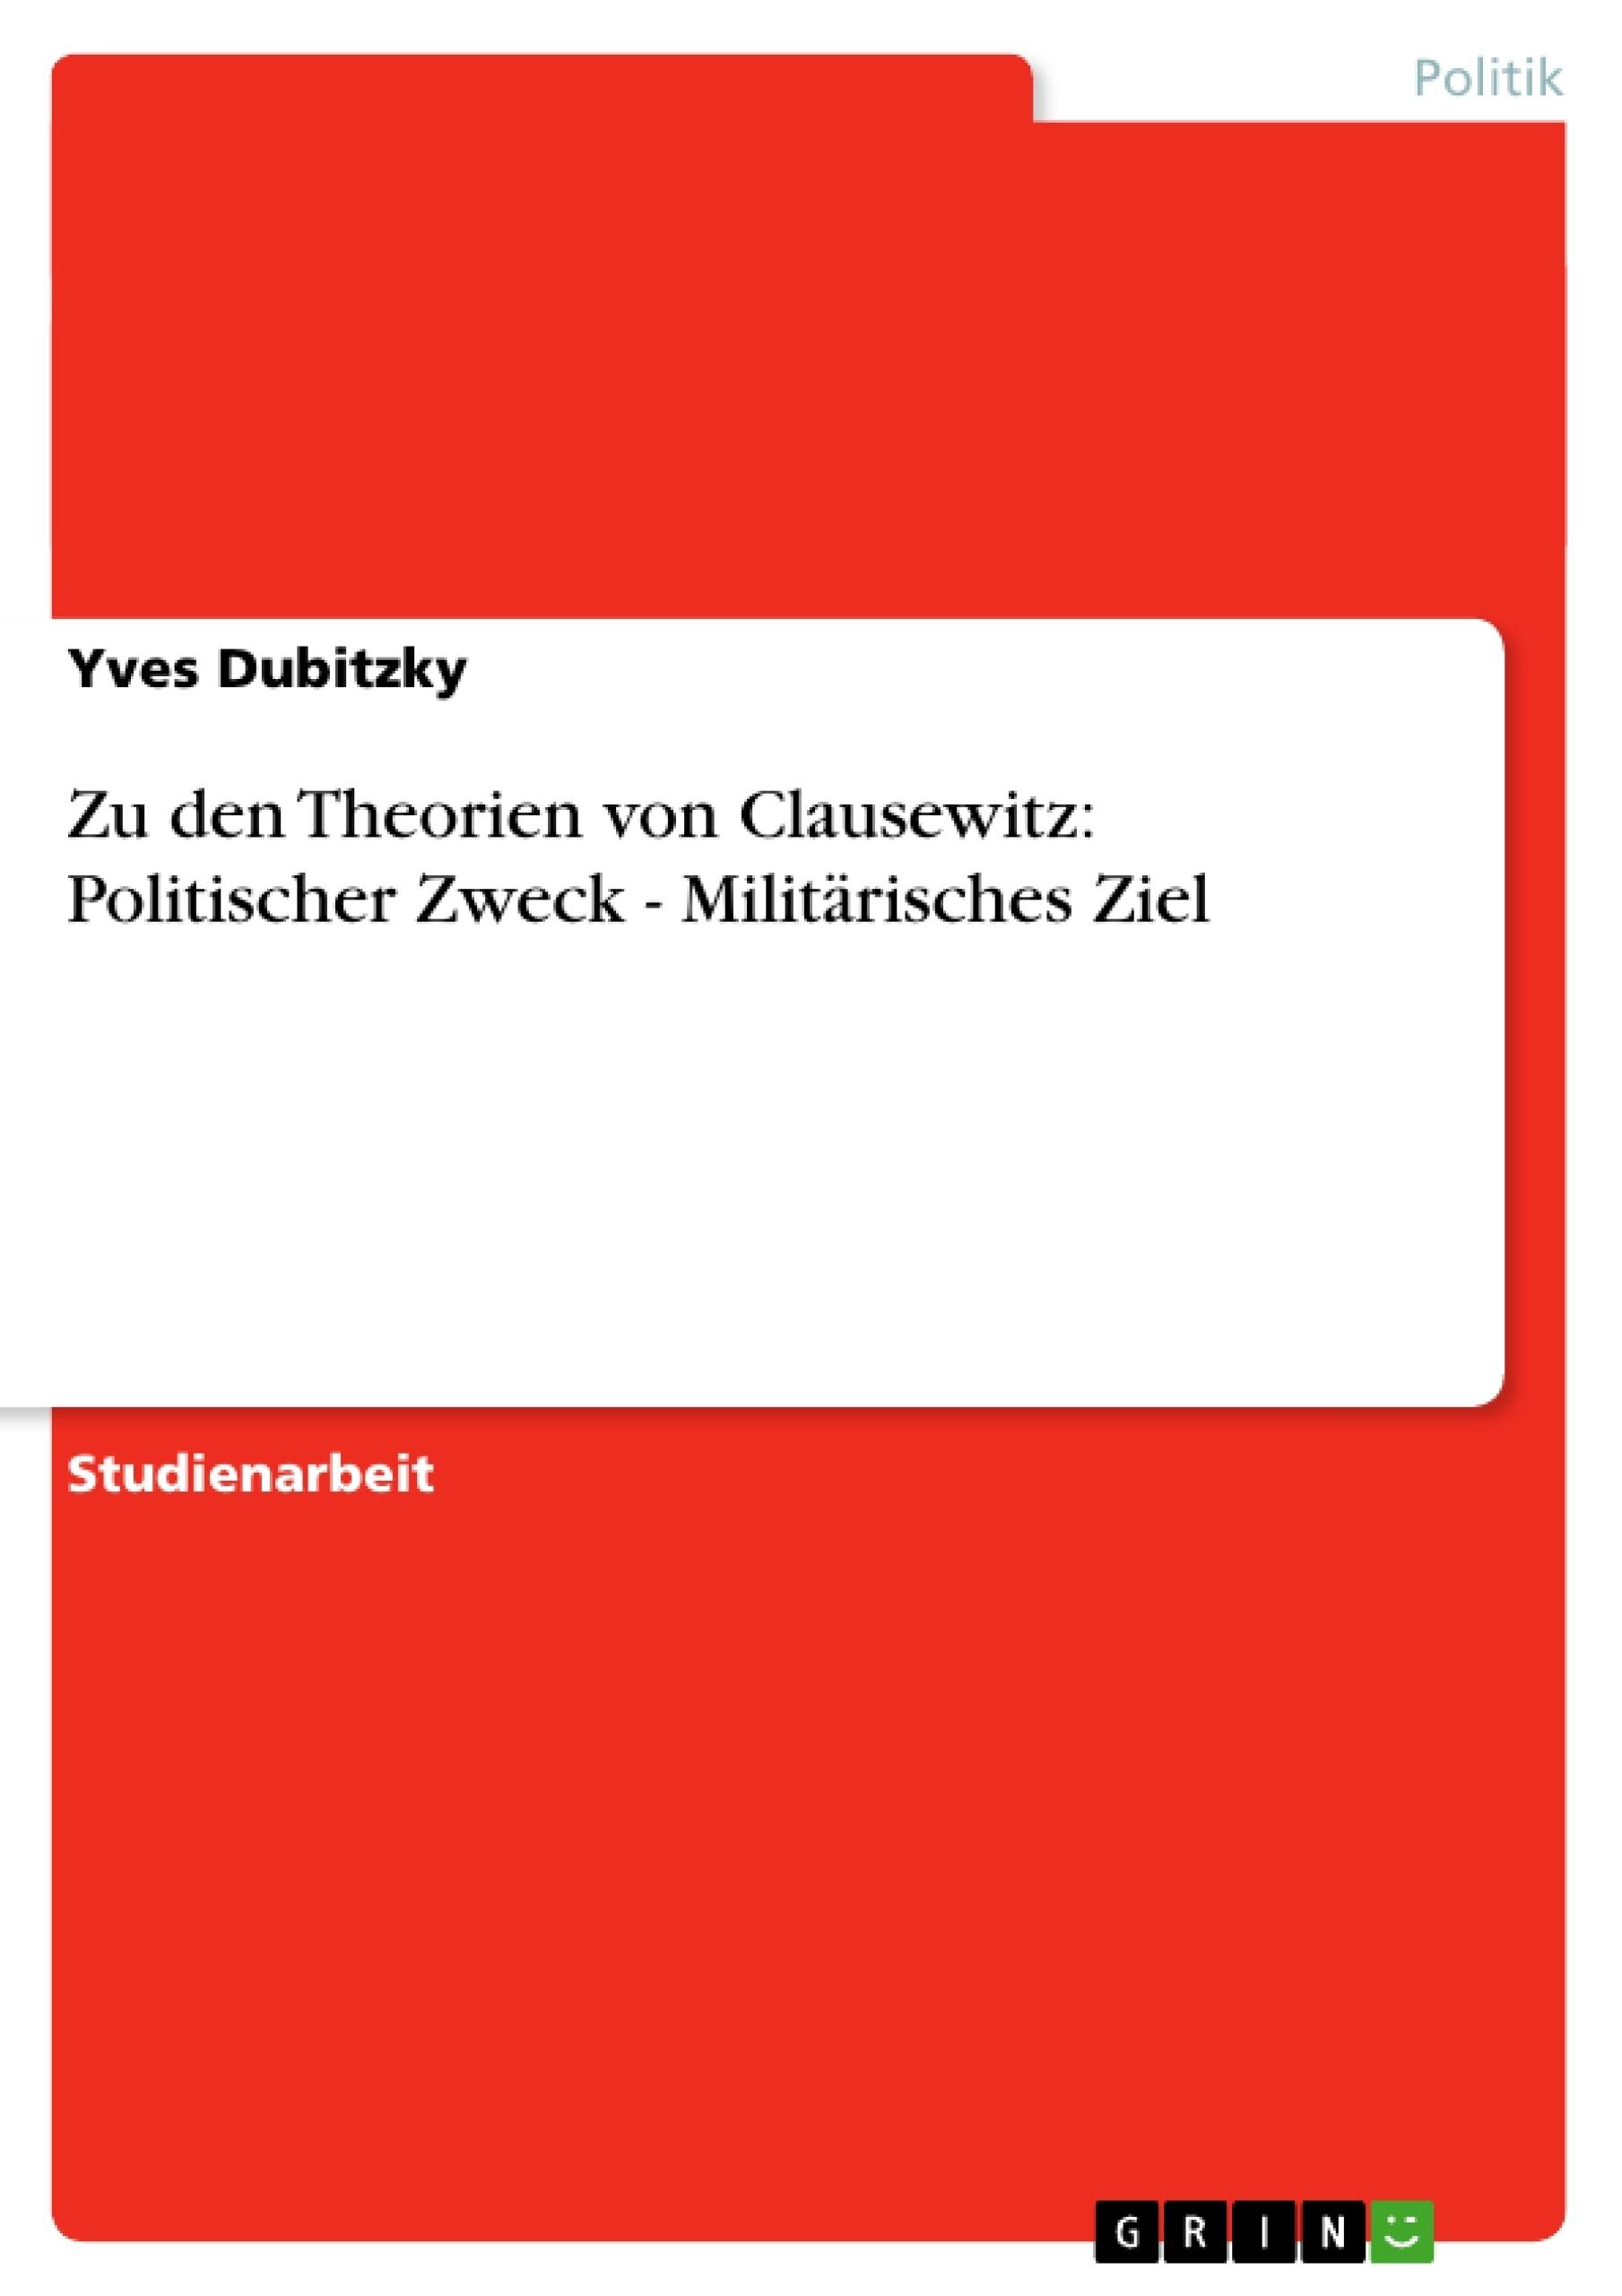 Titel: Zu den Theorien von Clausewitz: Politischer Zweck - Militärisches Ziel